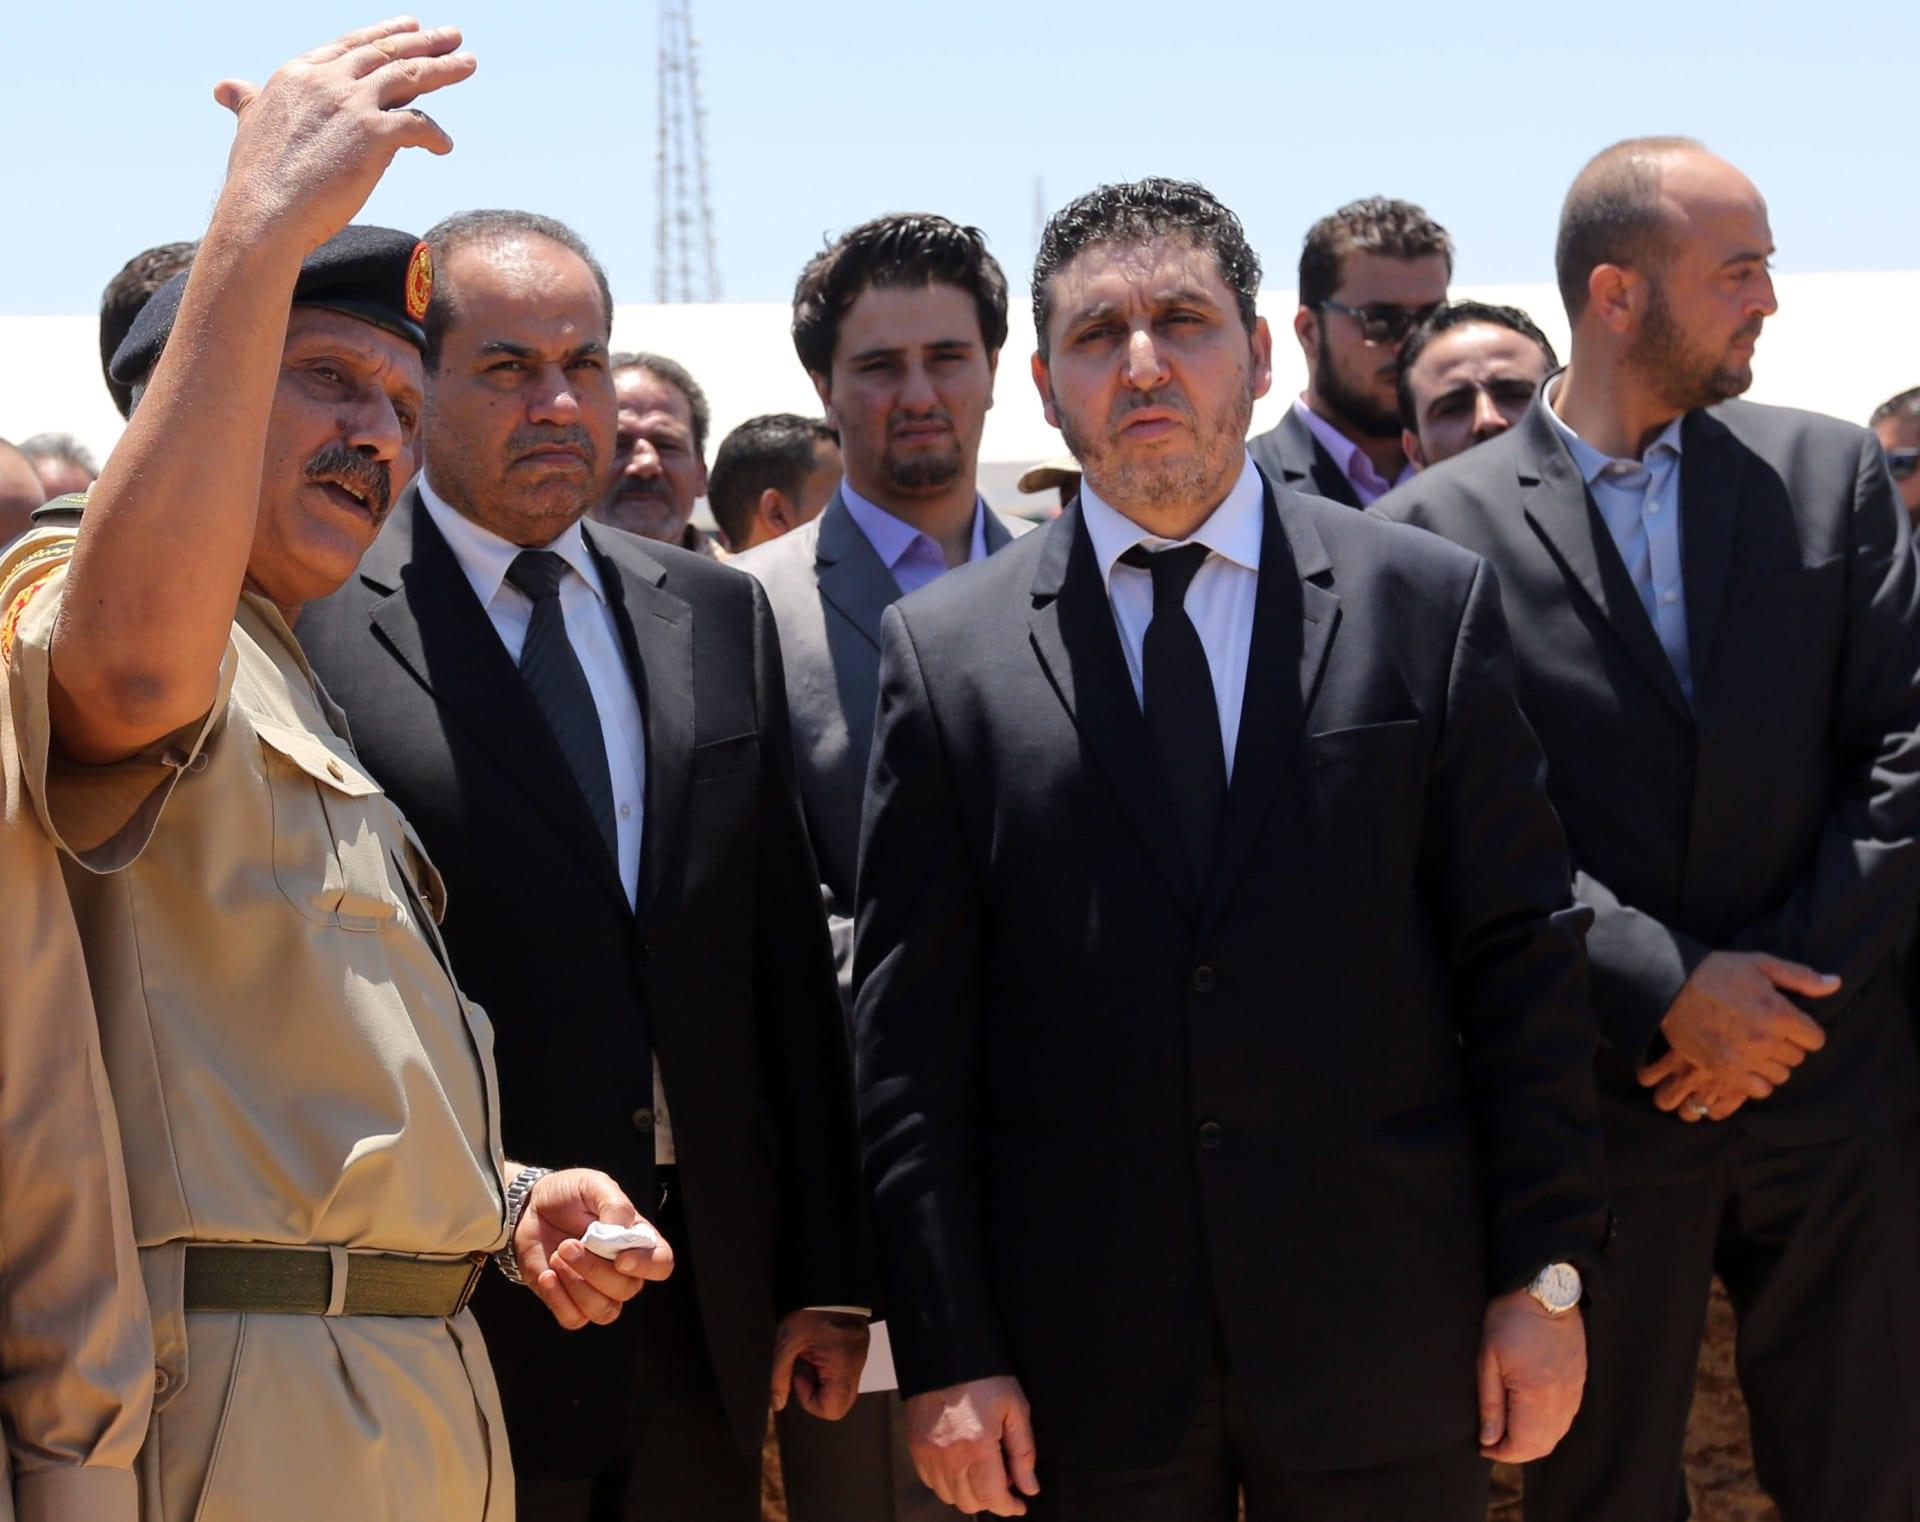 حكومة الغويل الليبية تسيطر على مقرات وزارية في طرابلس